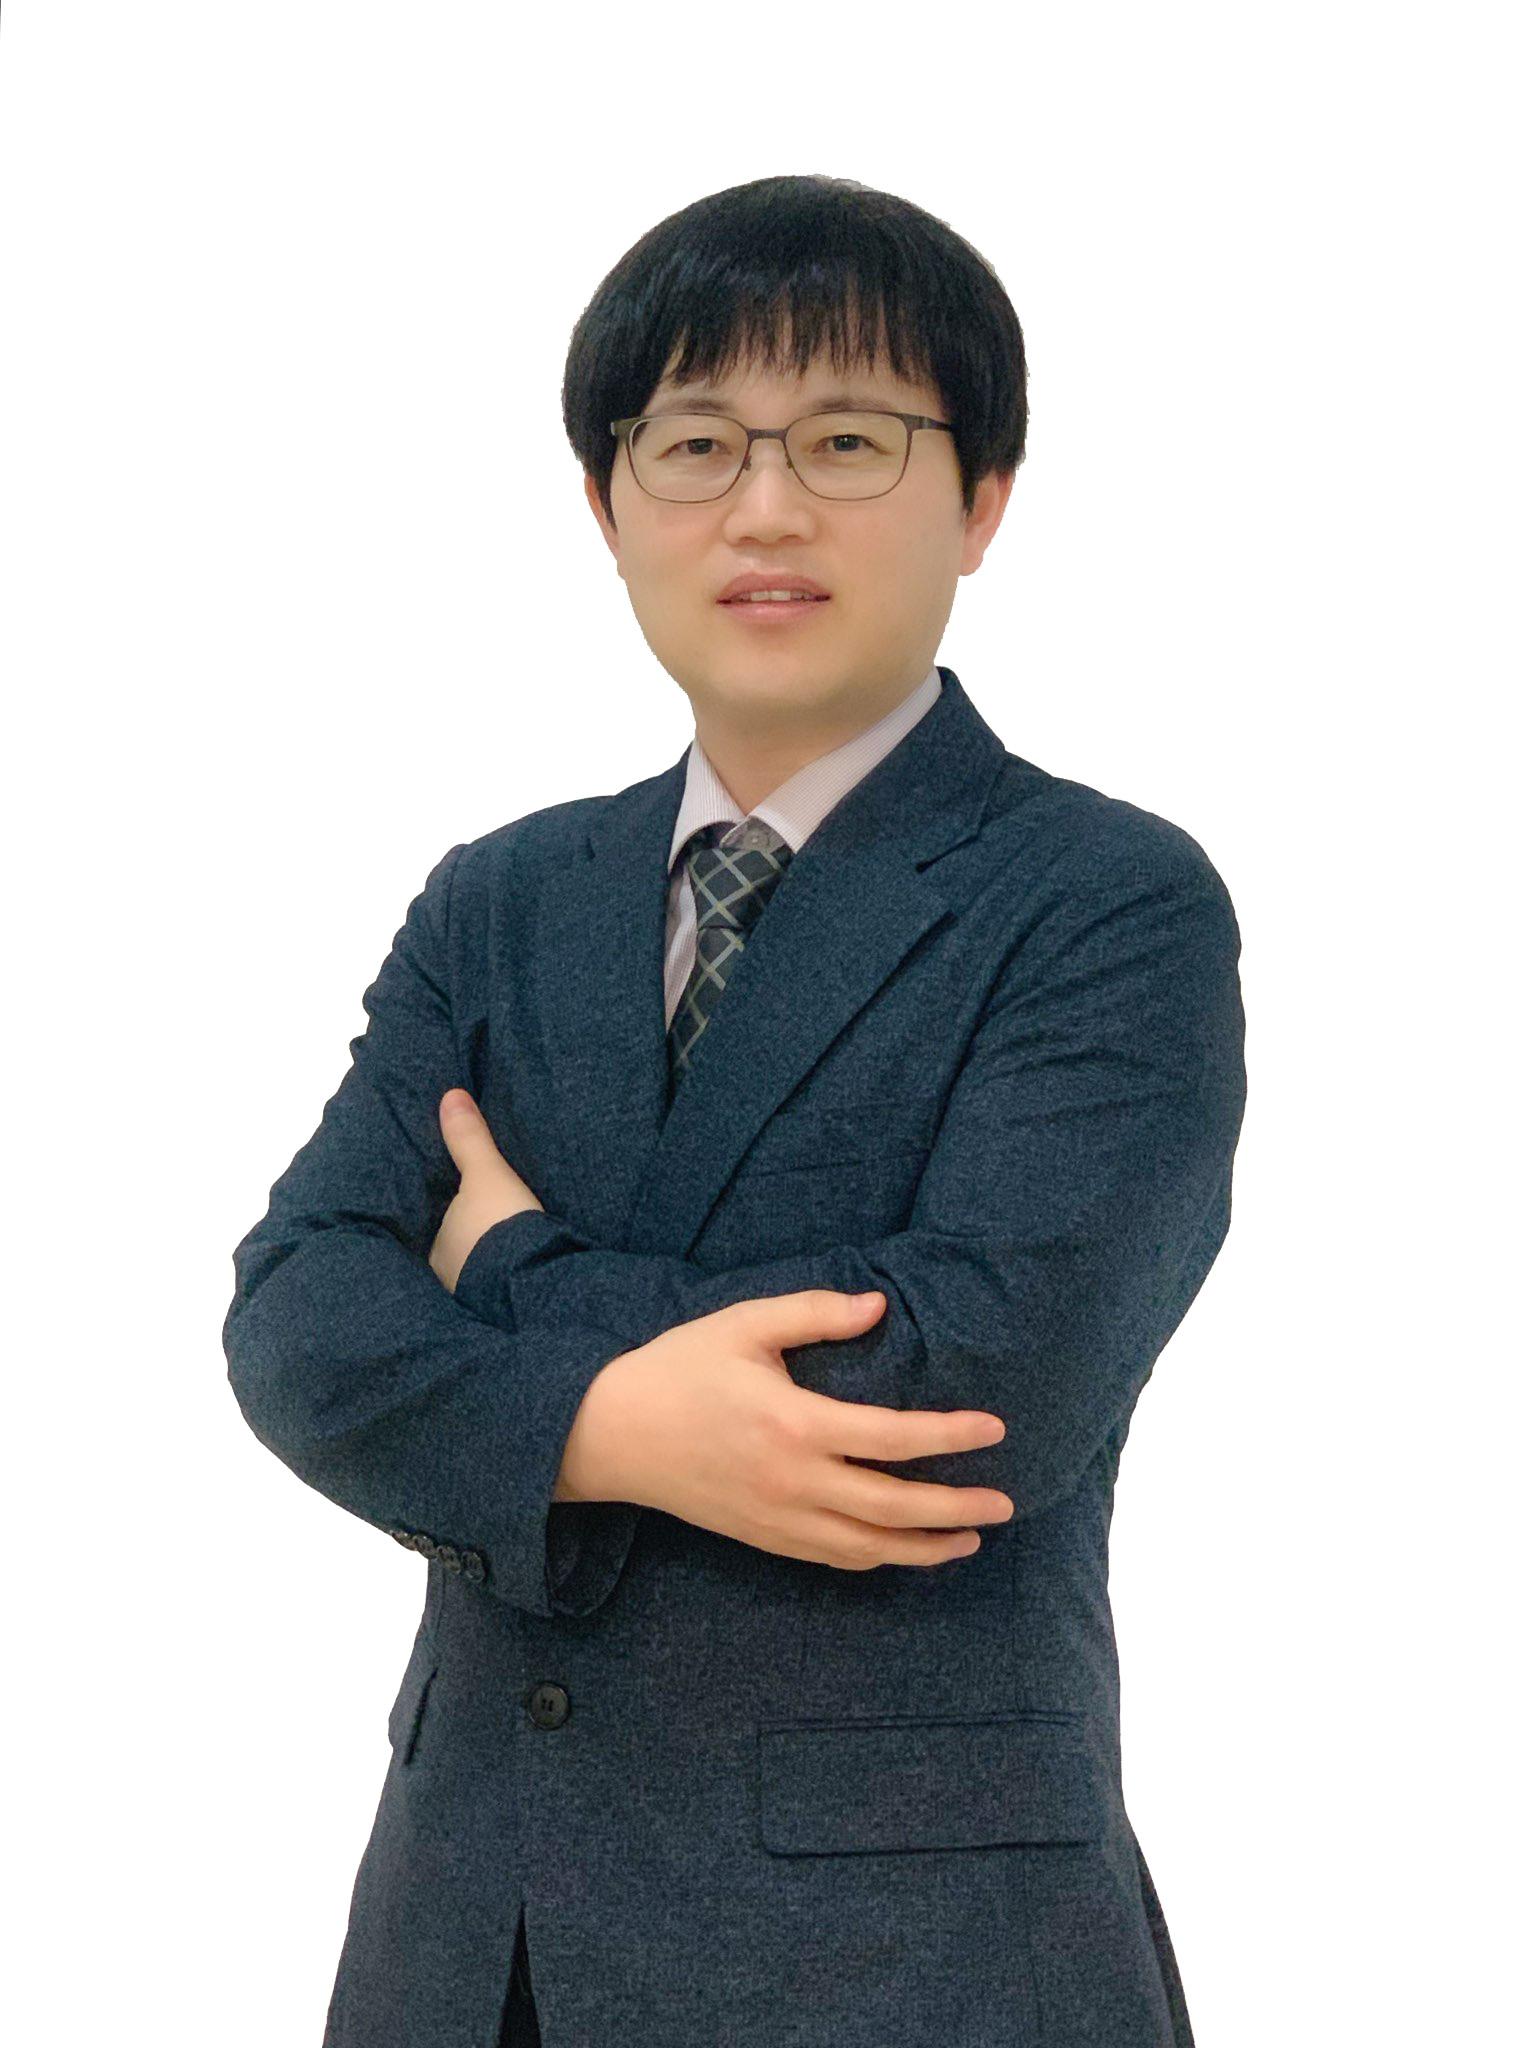 Mr. Shin Jhin Taek